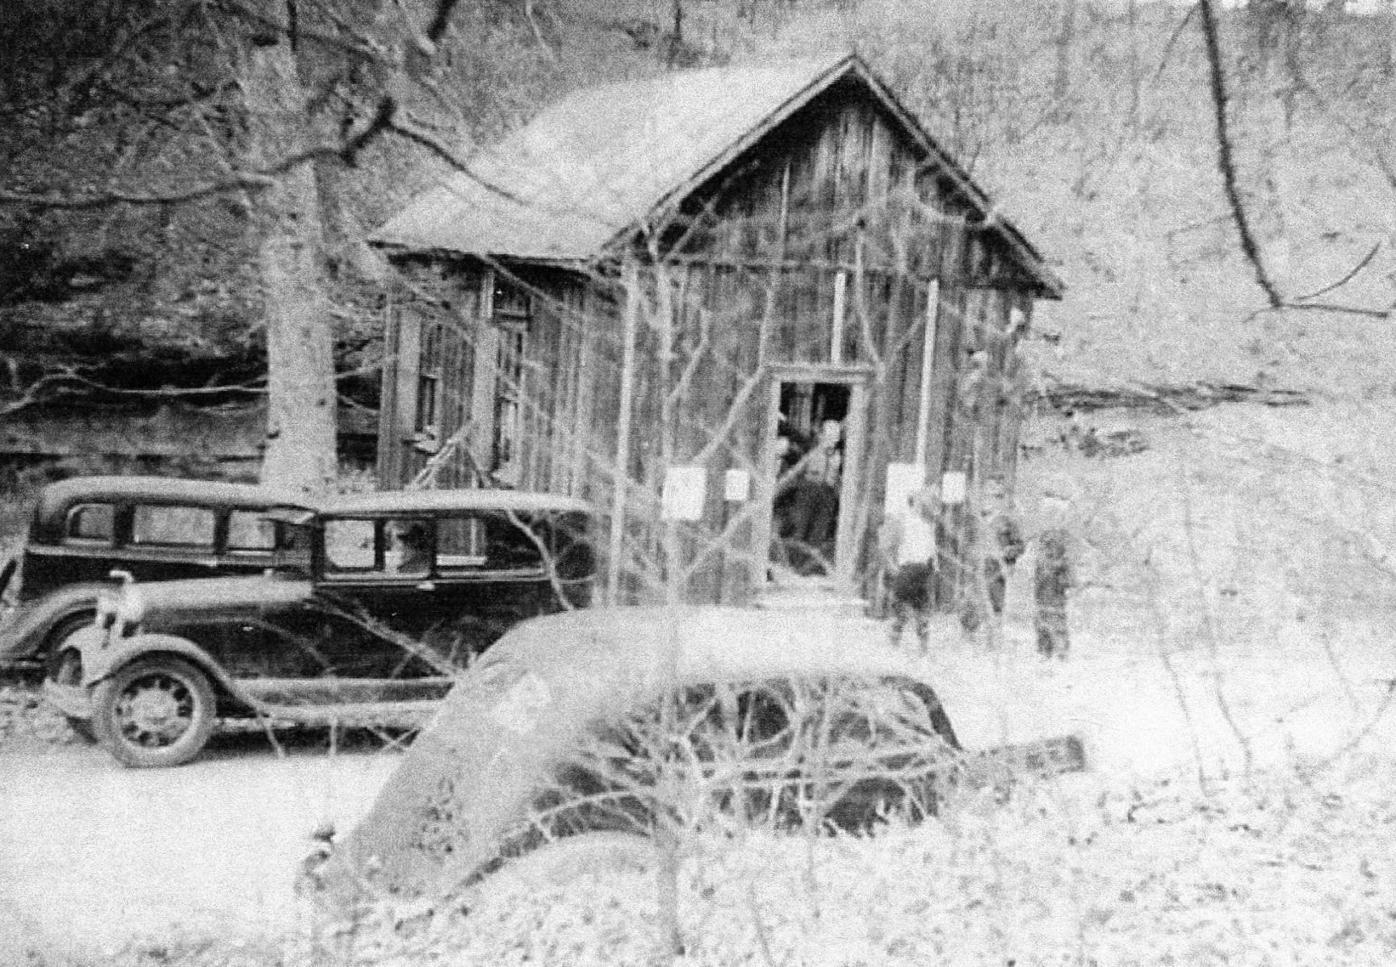 Original election house